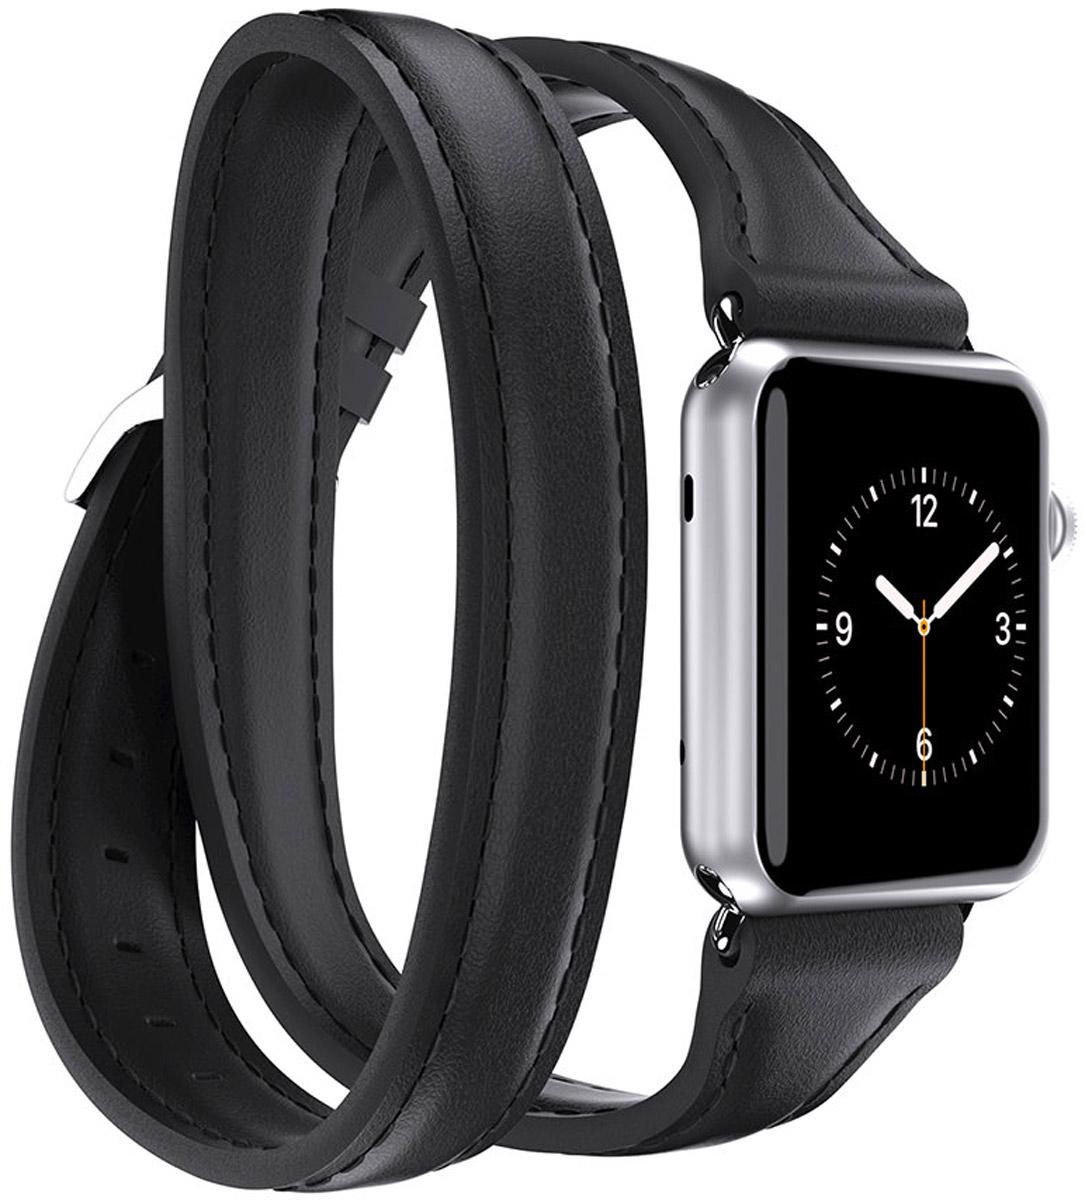 Griffin Uptown Double-Wrap Band, Black ремешок для Apple Watch (38 мм)GB42407Griffin Uptown Double-Wrap Band - стильный ремешок для Apple Watch 38 мм, изготовленный из качественной кожи. Аксессуар отлично дополняет оригинальный дизайн смарт-часов, а также комфортно и надежно сидит на вашем запястье.